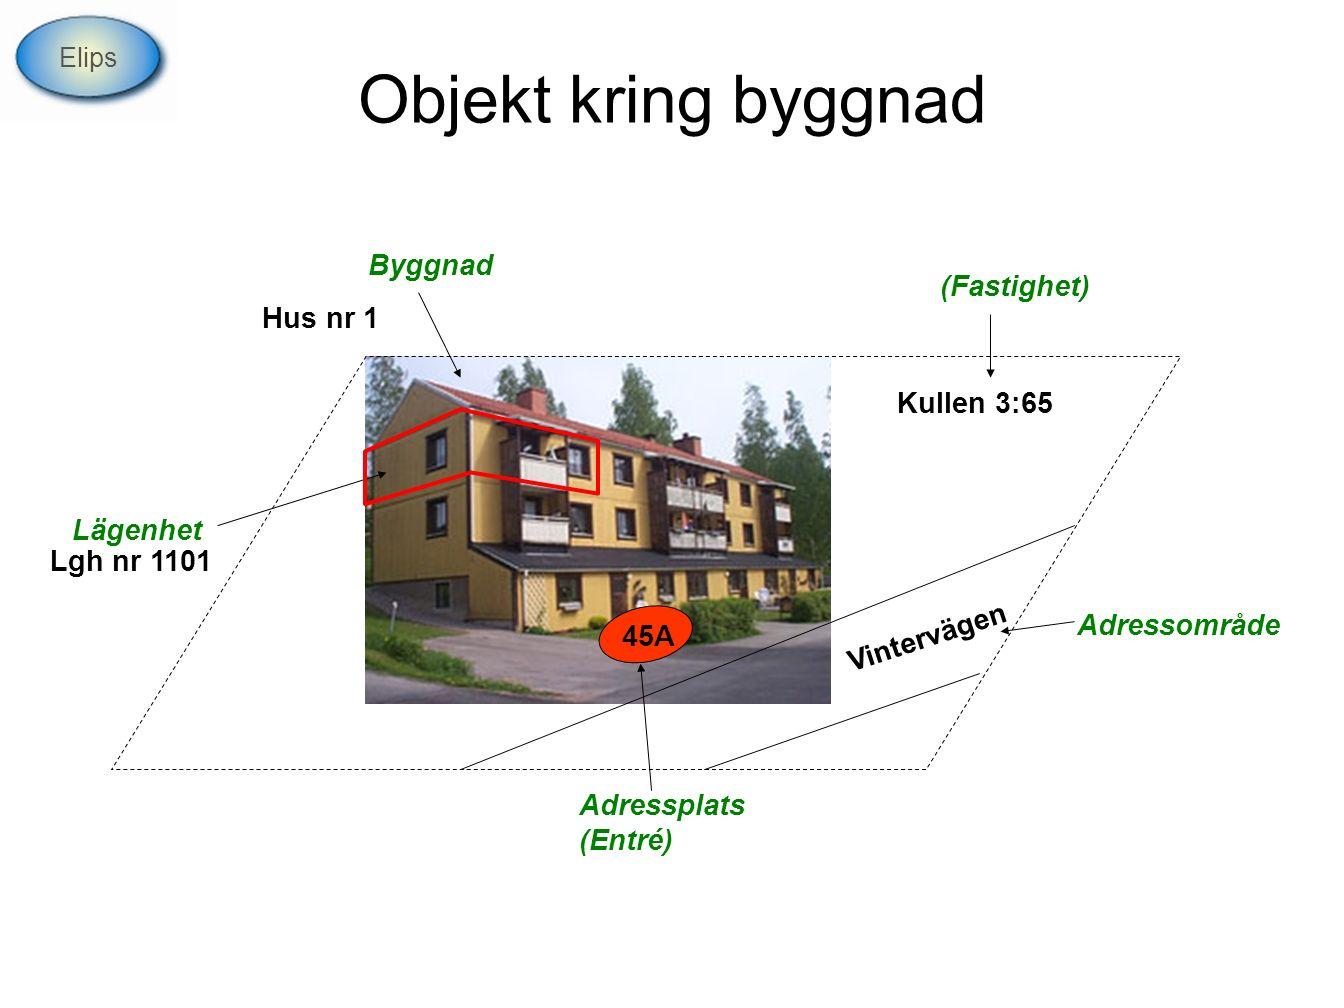 Objekt kring byggnad Vintervägen 45A Adressplats (Entré) (Fastighet) Kullen 3:65 Hus nr 1 Byggnad Adressområde Elips Lägenhet Lgh nr 1101